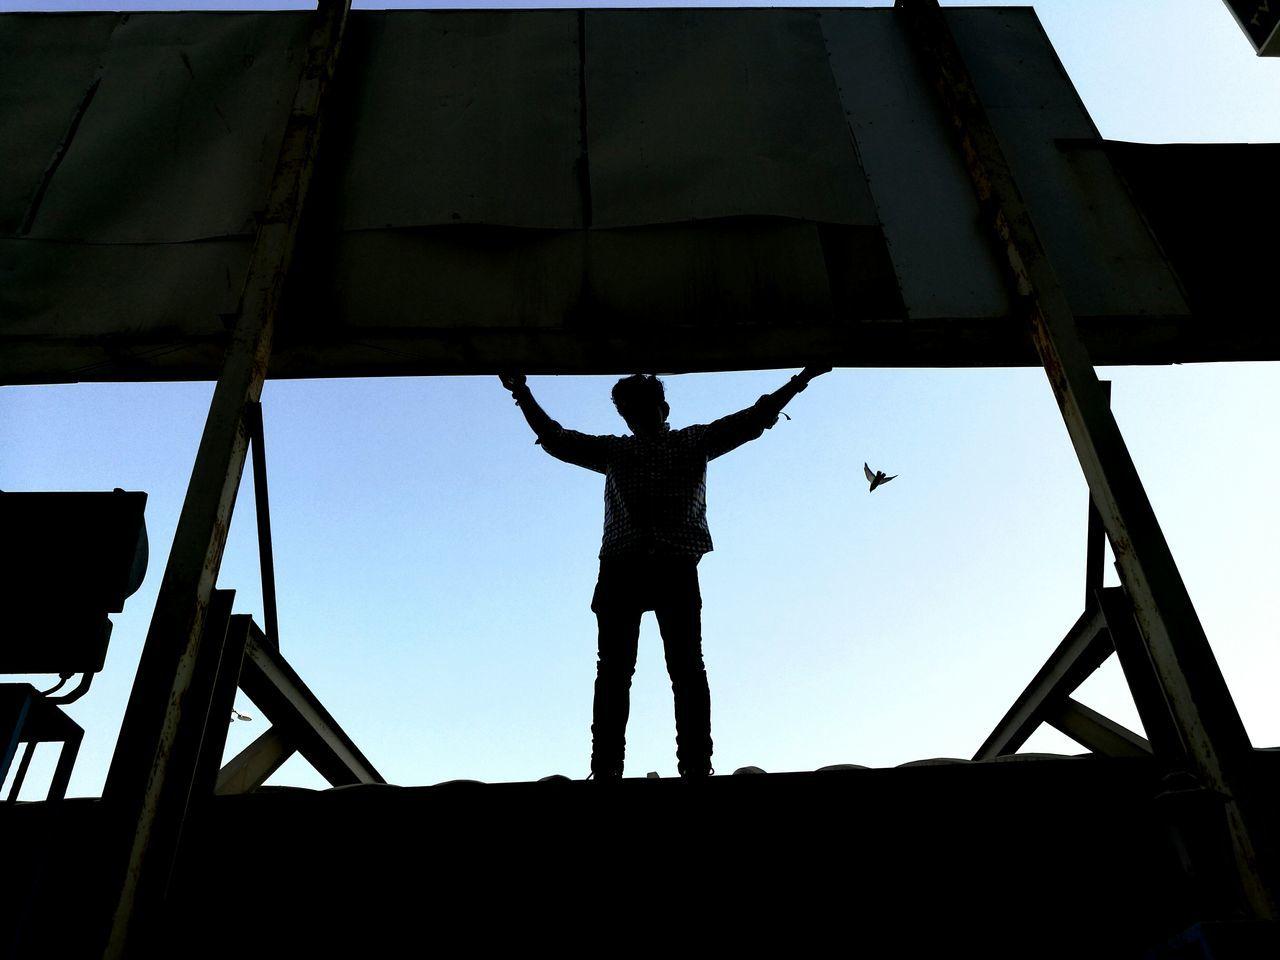 SILHOUETTE OF MEN ON BRIDGE AGAINST SKY